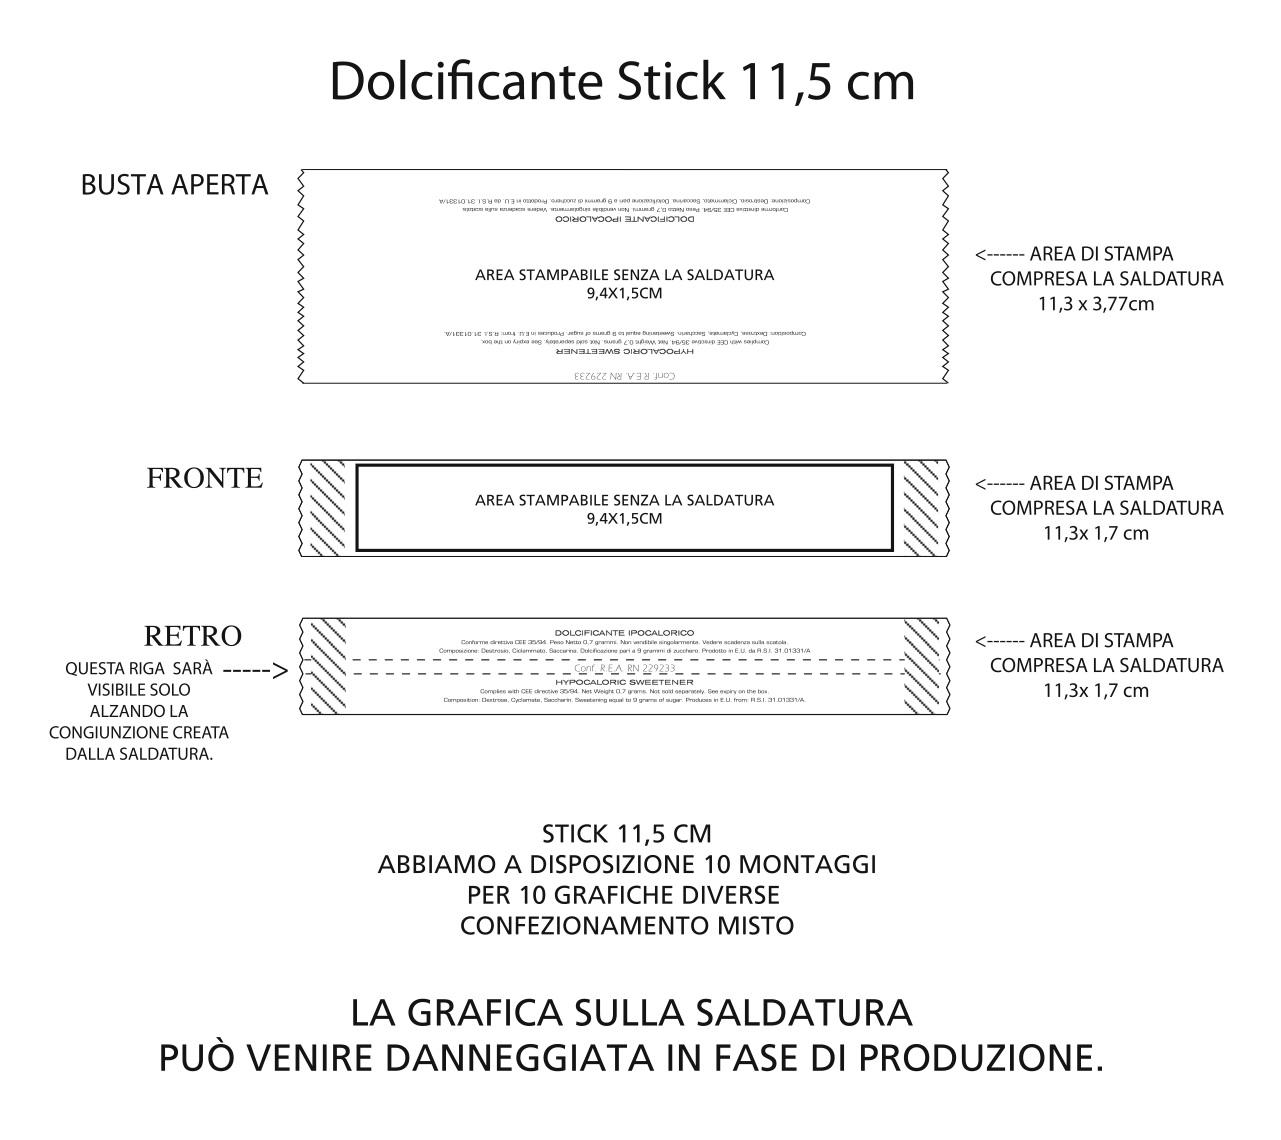 stick 11,5 cm dolcificante